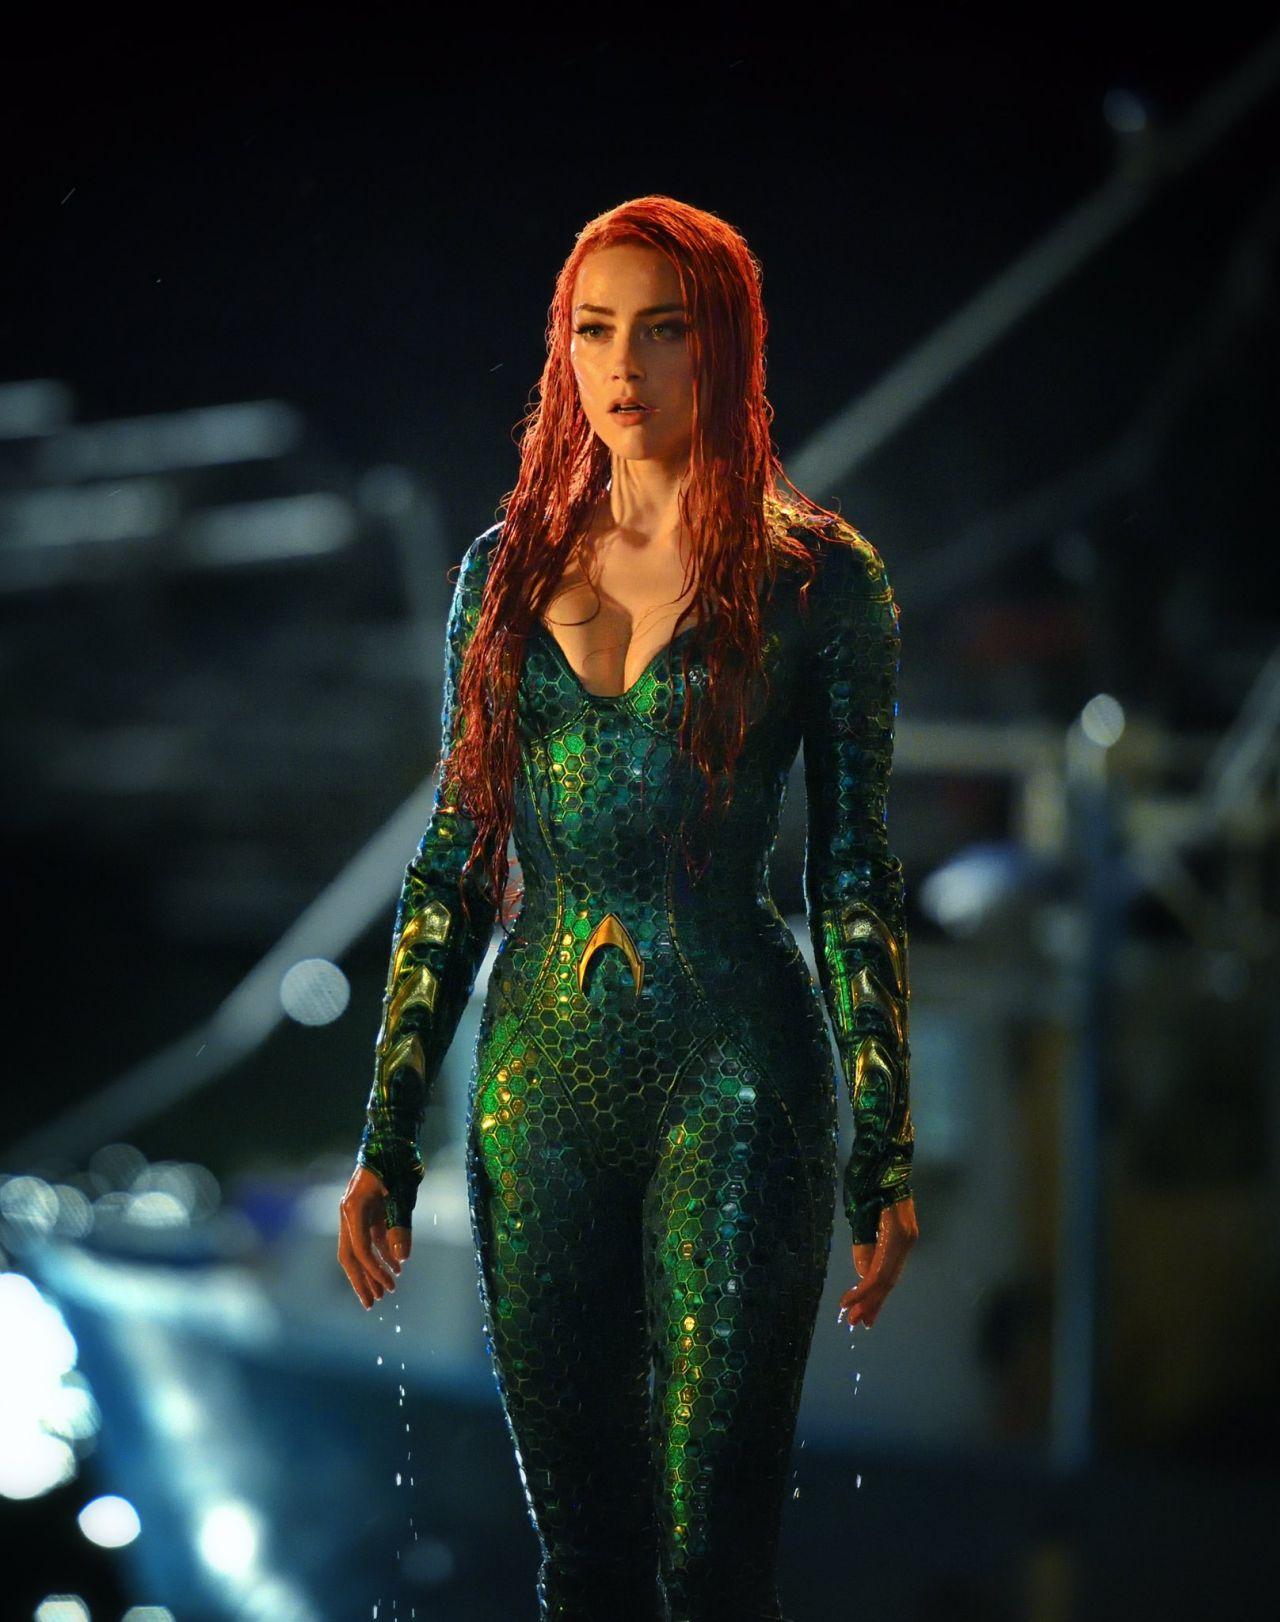 « Aquaman » : le tournage vient de commencer et des premières photos du film ont déjà été dévoilées ! Par Marine B. Amber-heard-aquaman-movie-photos-2018-1